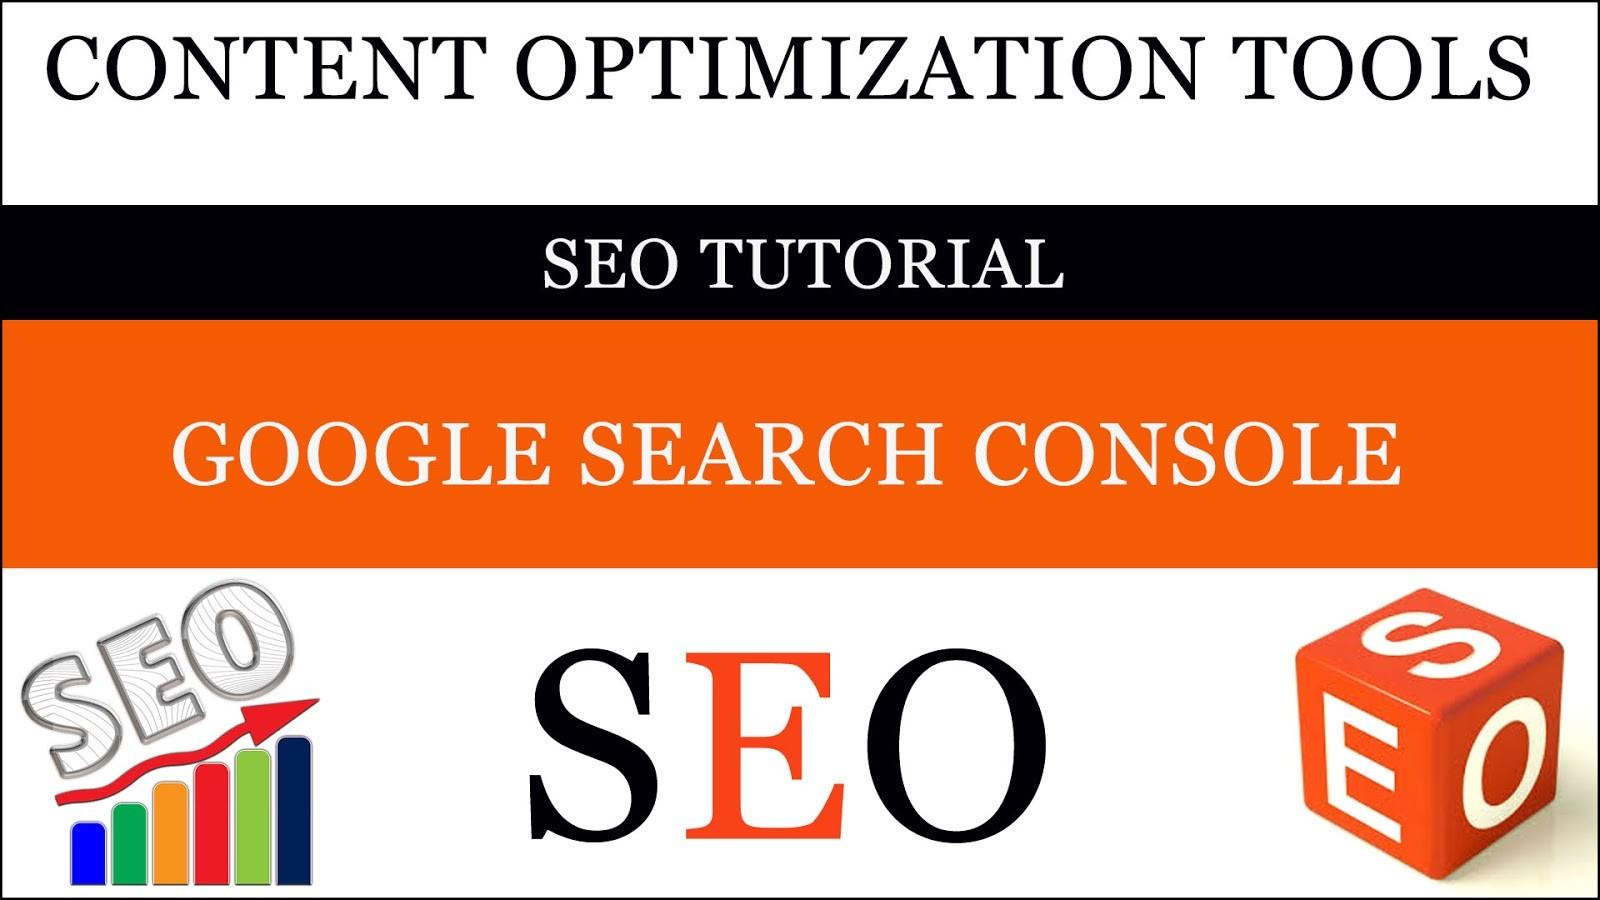 9 Content Optimization Tools